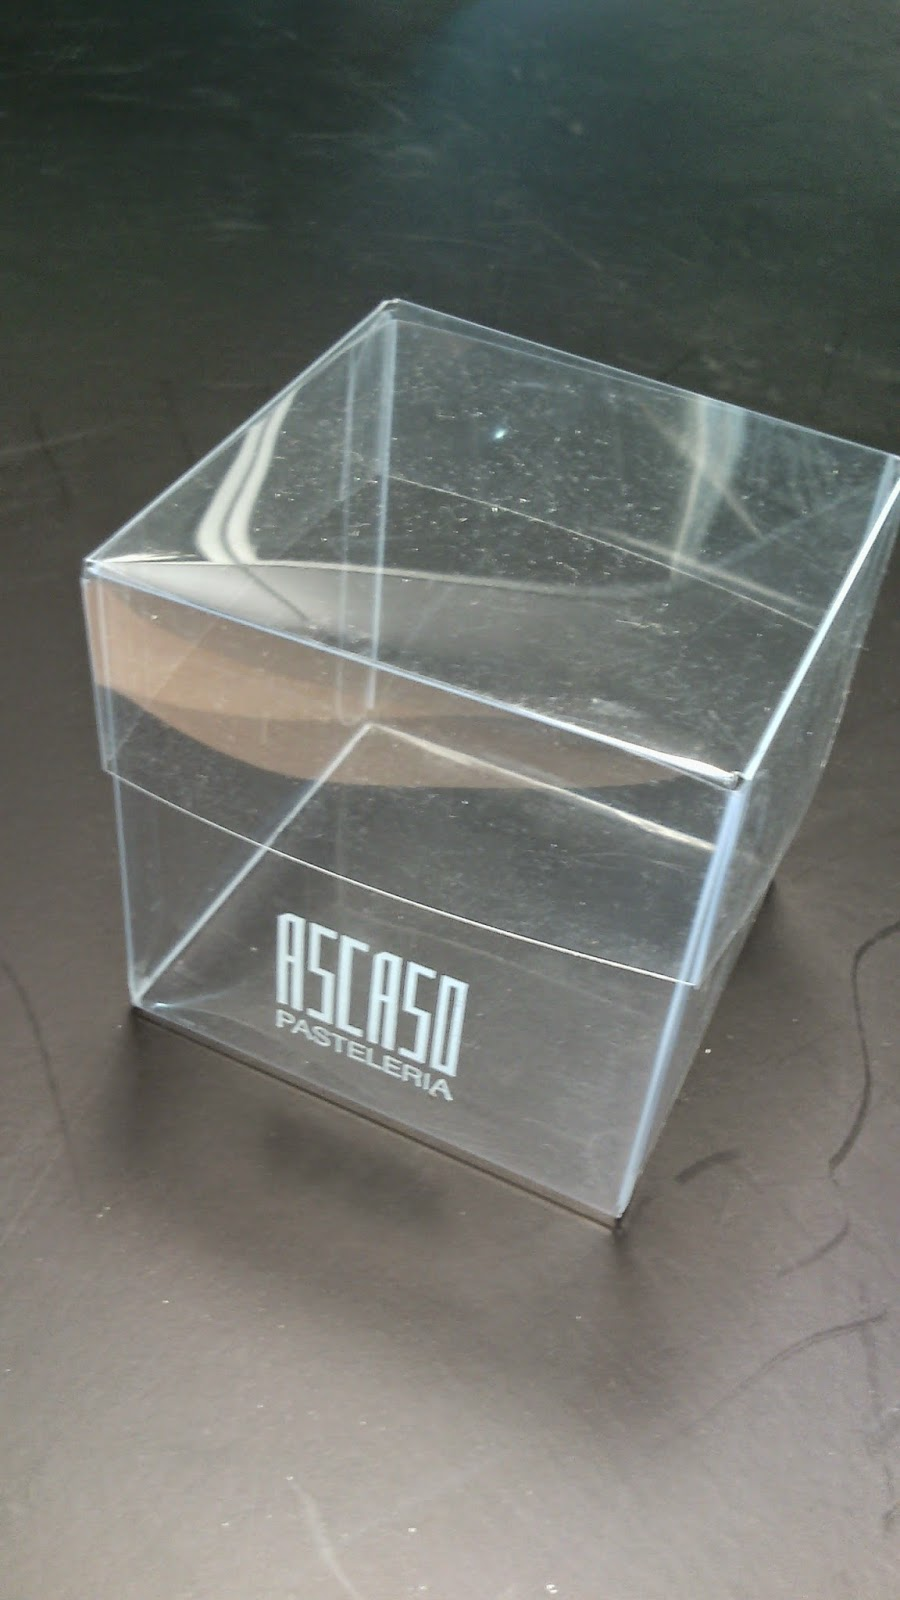 Papel line 12 cajas de pl stico envases pvc acetato - Cajas de plastico ...